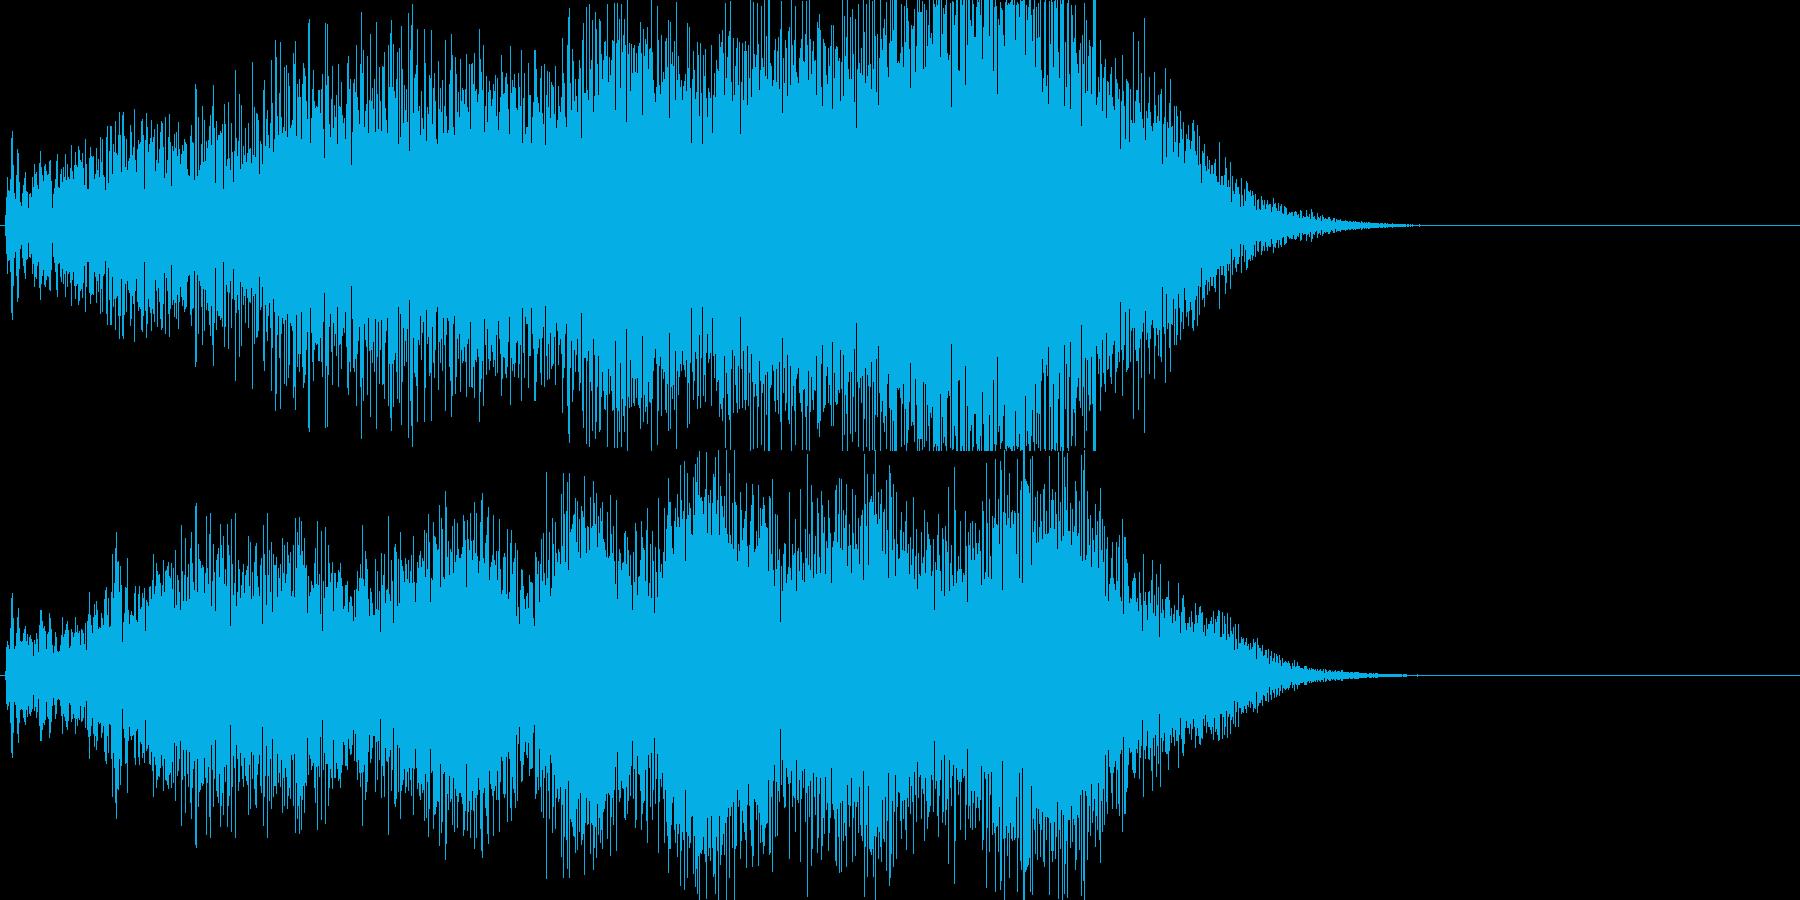 不気味なサウンドエフェクト(お化け屋敷)の再生済みの波形